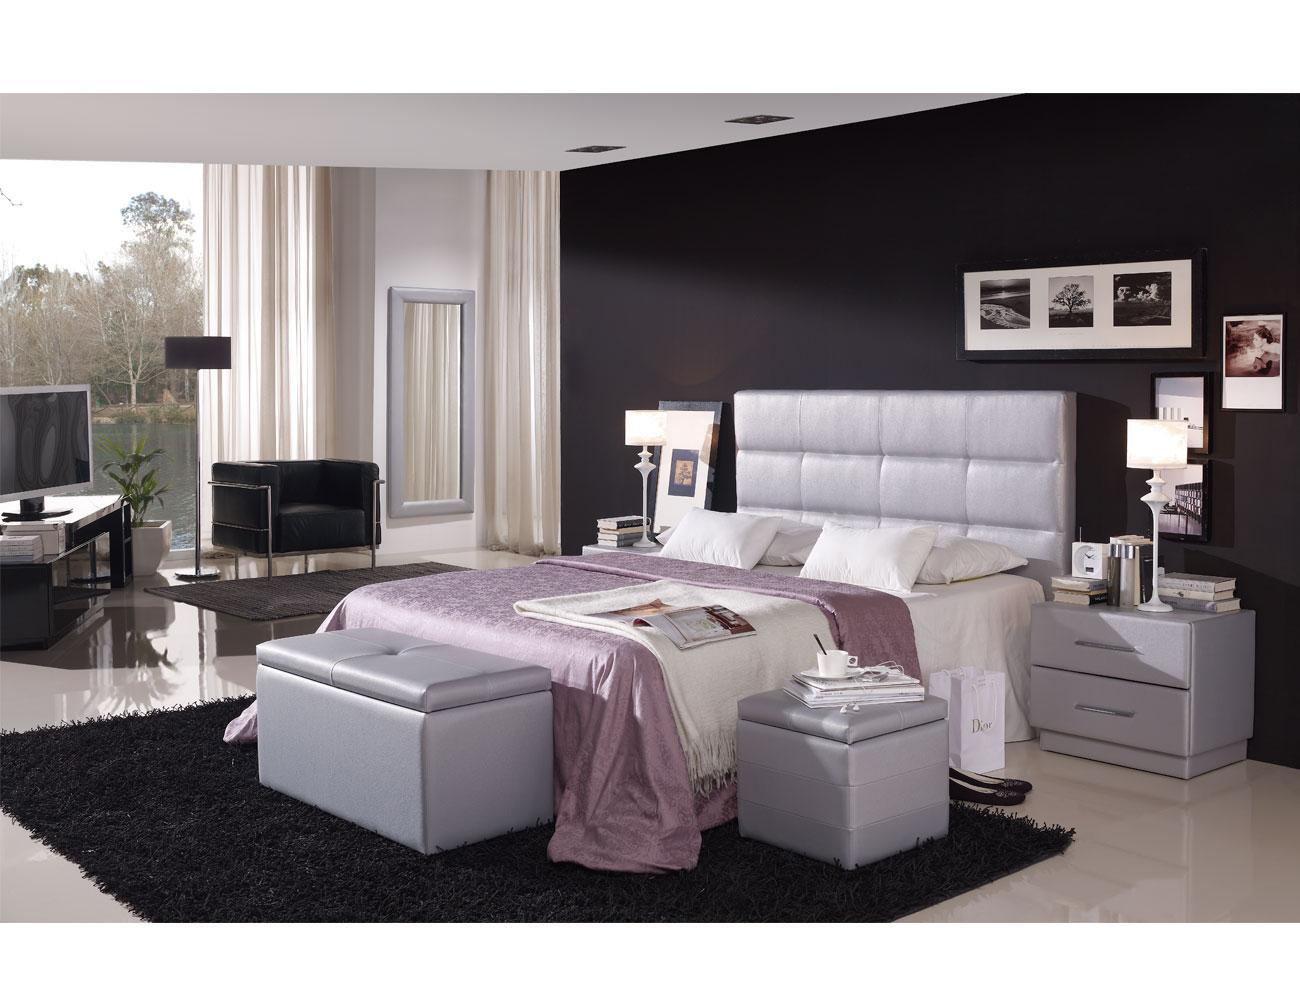 86 pie cama cuadros dormitorio 910